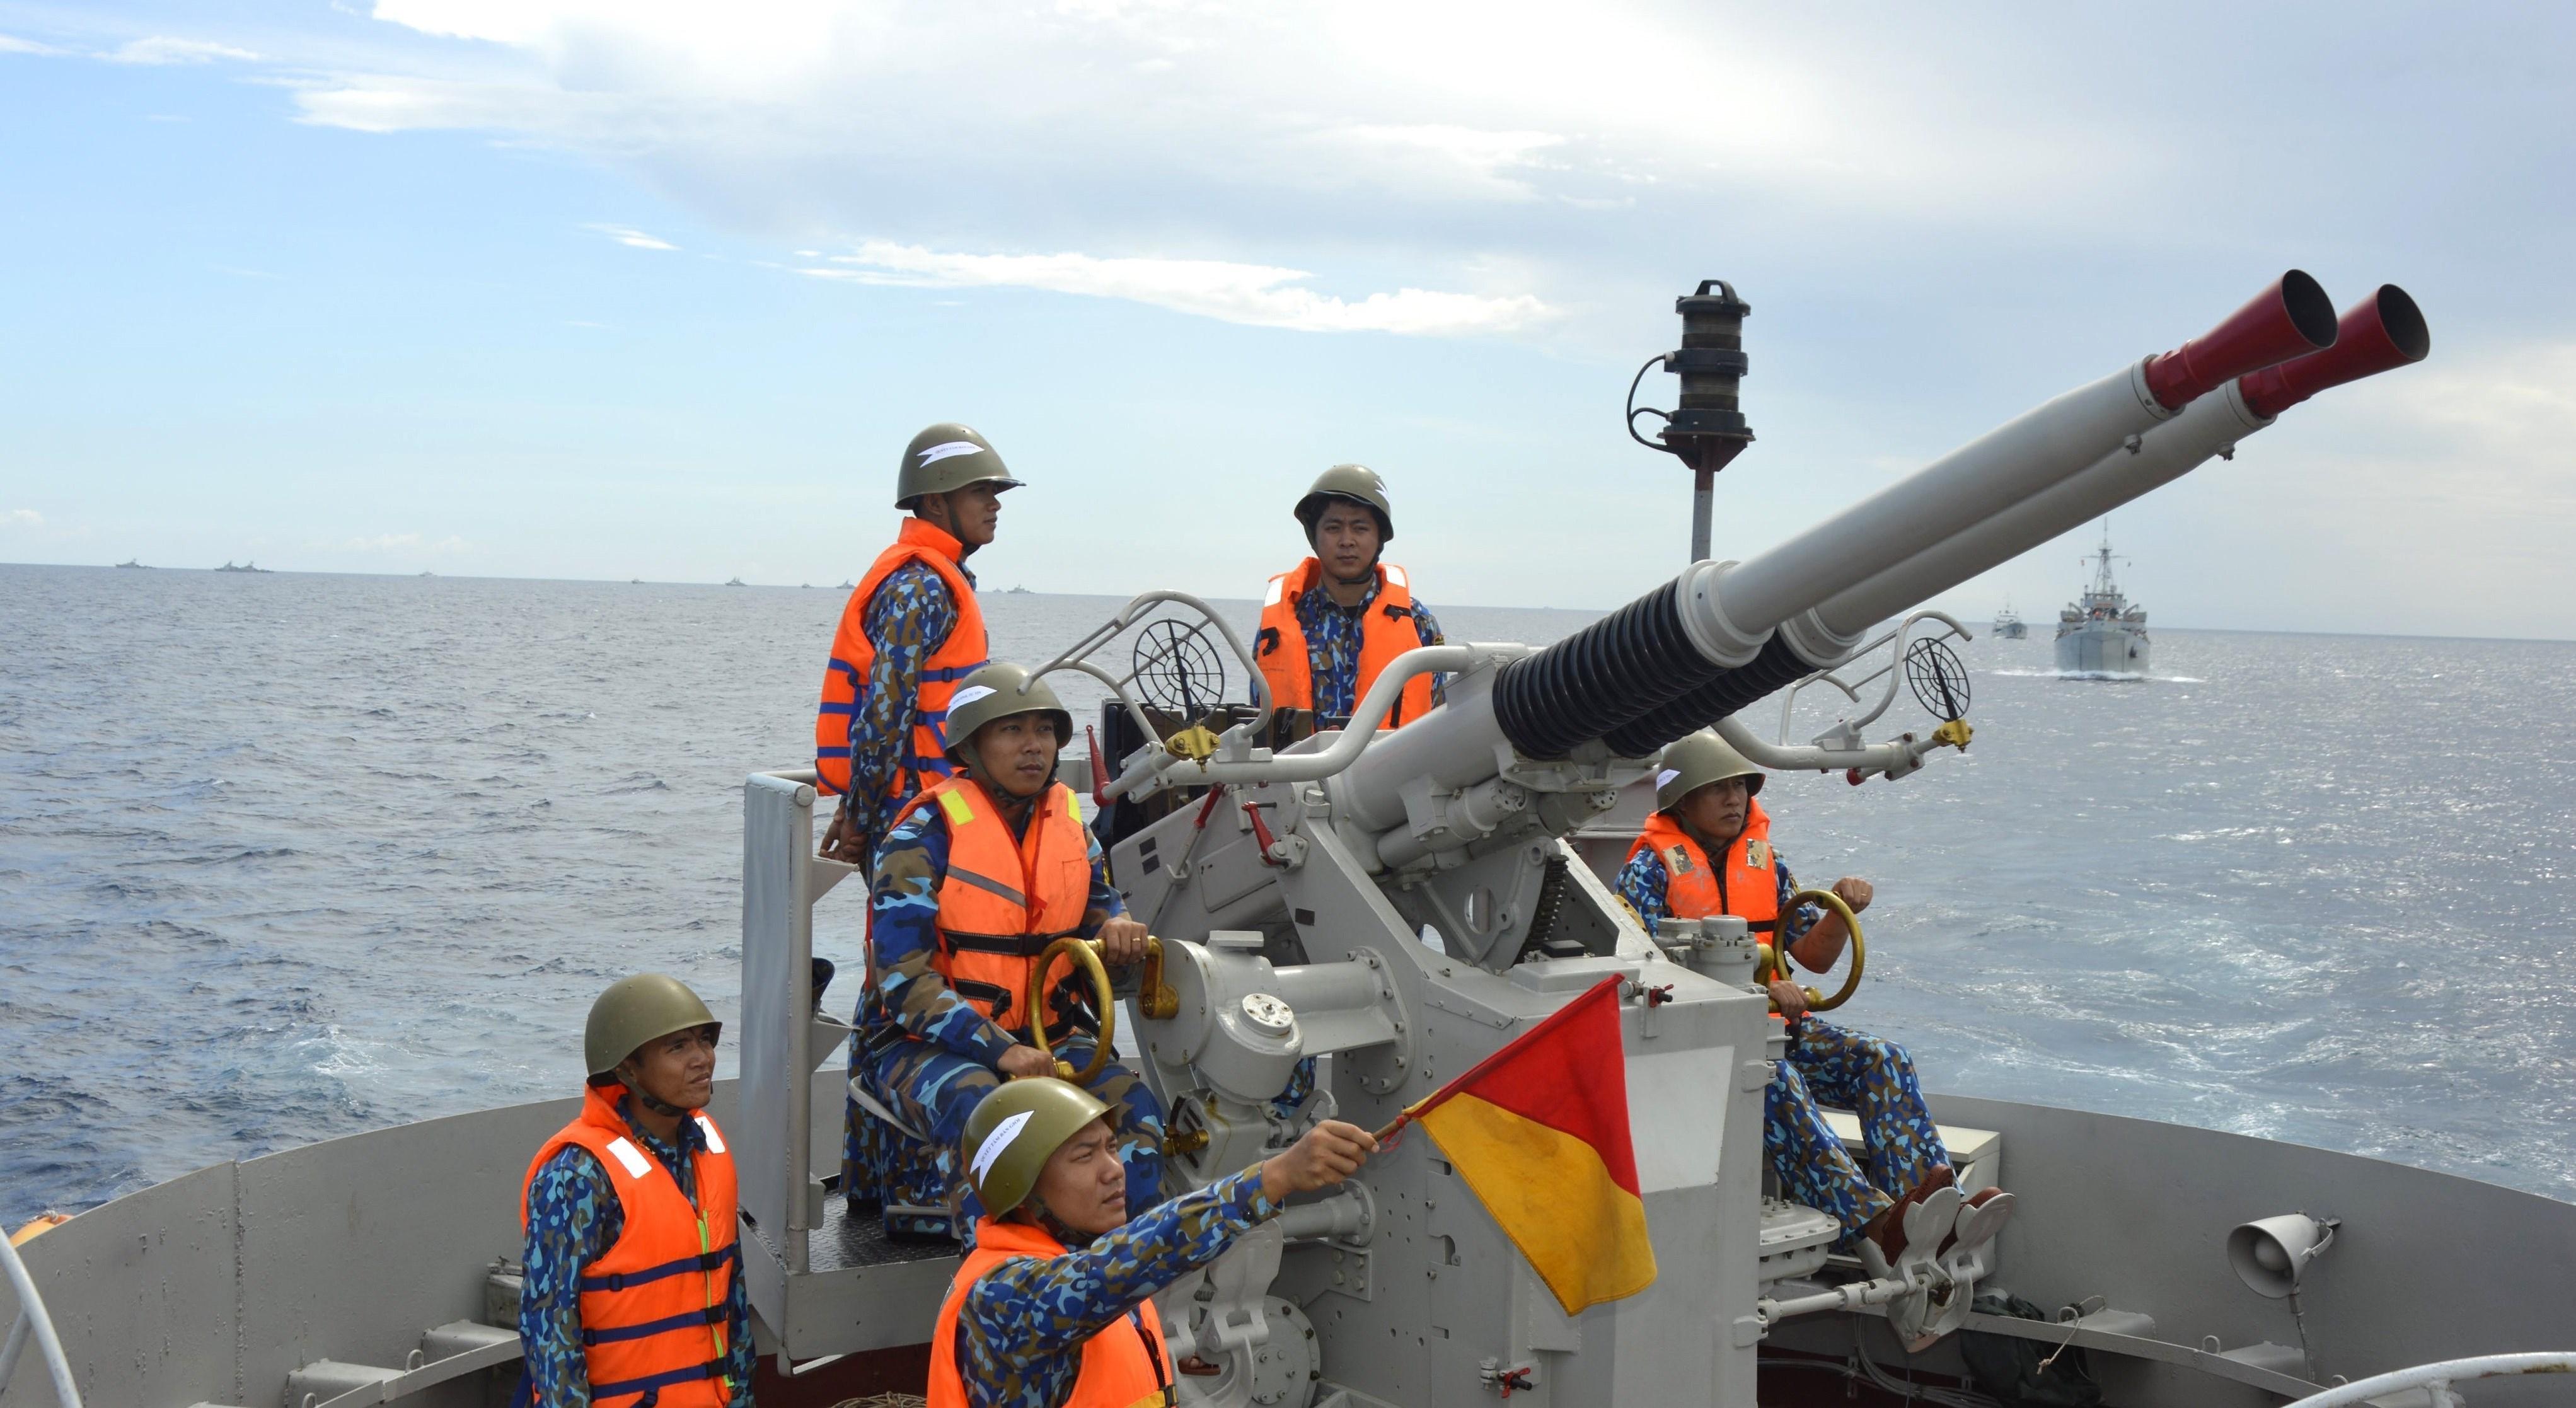 组图:海军二号司令部着力加强海上训练工作 hinh anh 2